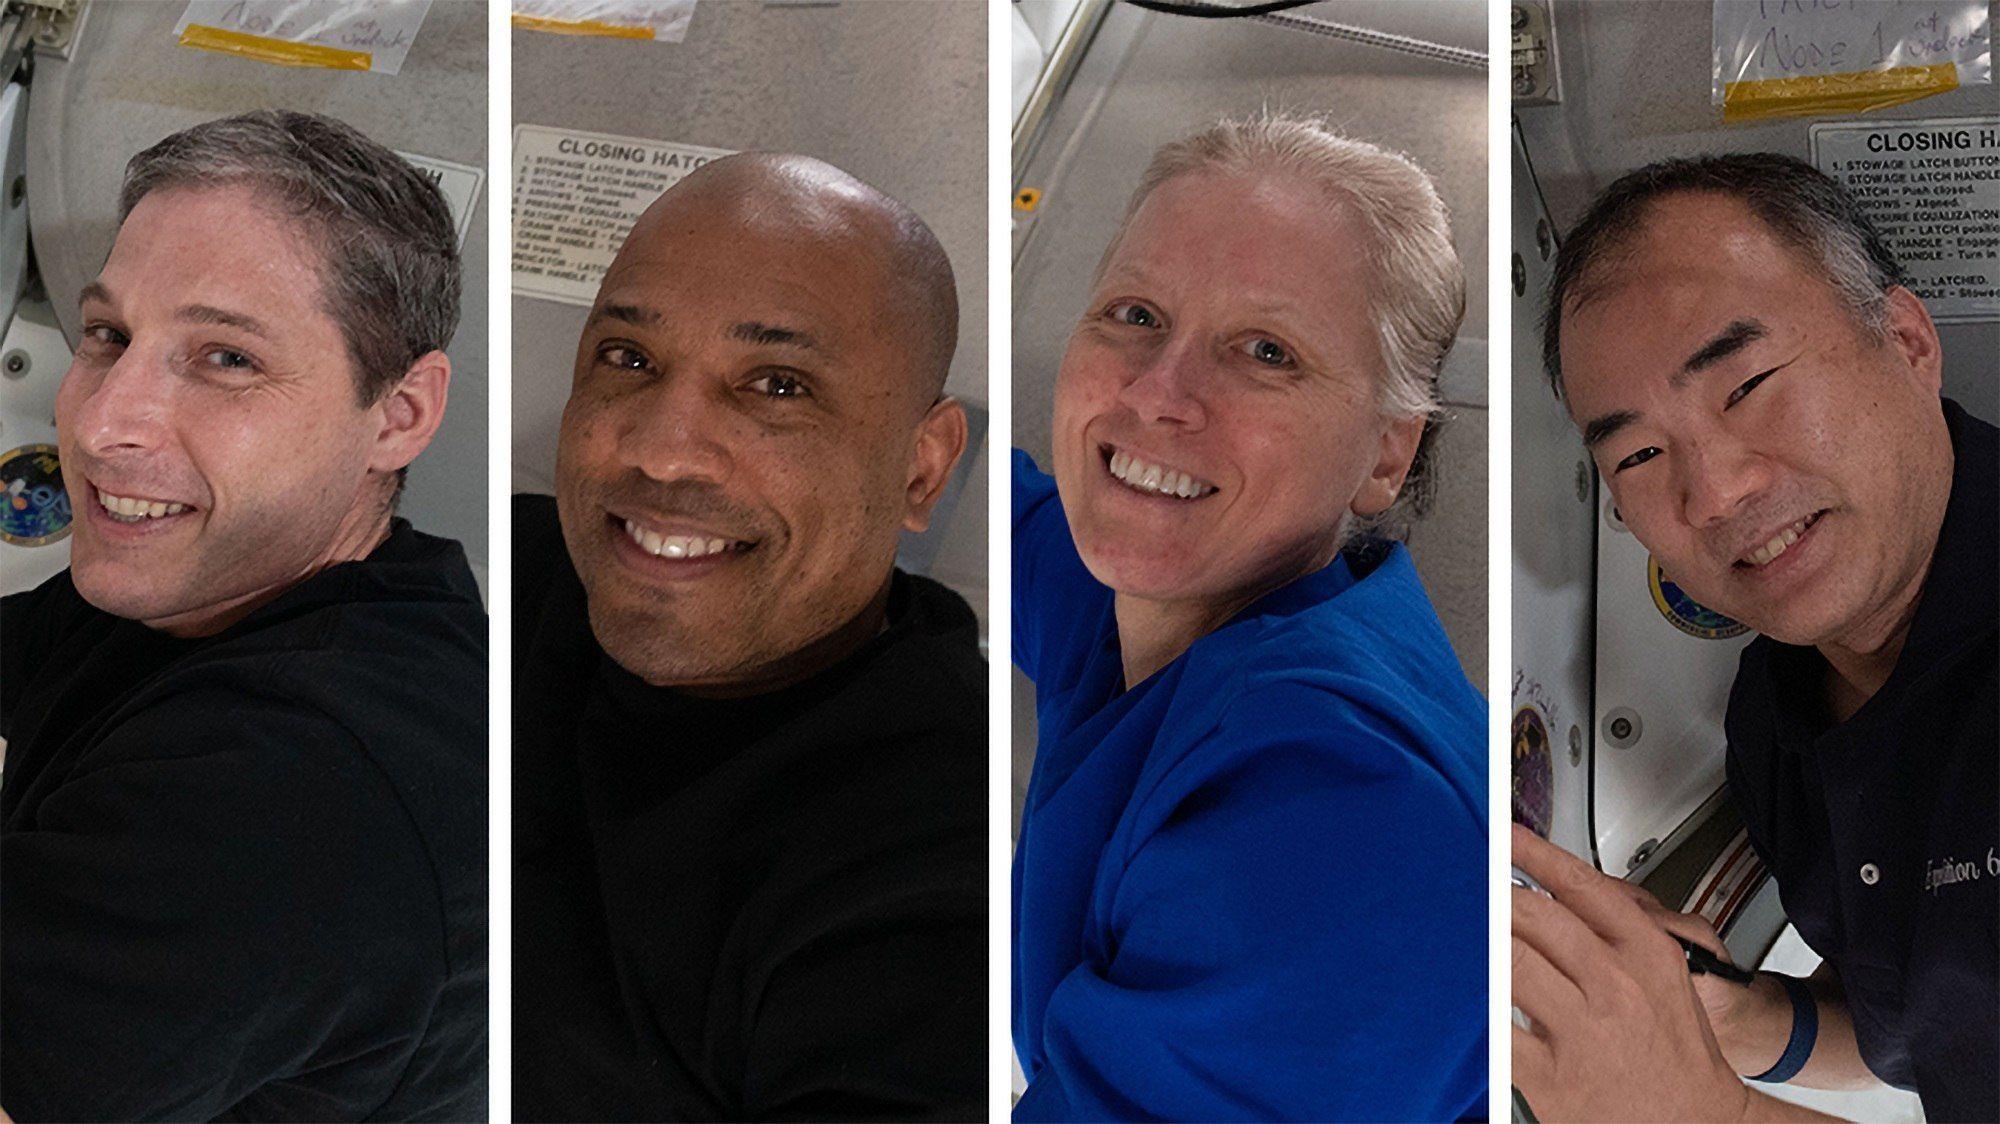 Los astronautas estadounidenses Michael Hopkins, Victor Glover y Shannon Walker y el japonés Soichi Noguchi, tripulación de la llamada SpaceX Crew-1 que regresa de la Estación Espacial Internacional para marcar el fin de la primera misión comercial completa de la empresa de Elon Musk en asociación con la NASA, de un total de seis